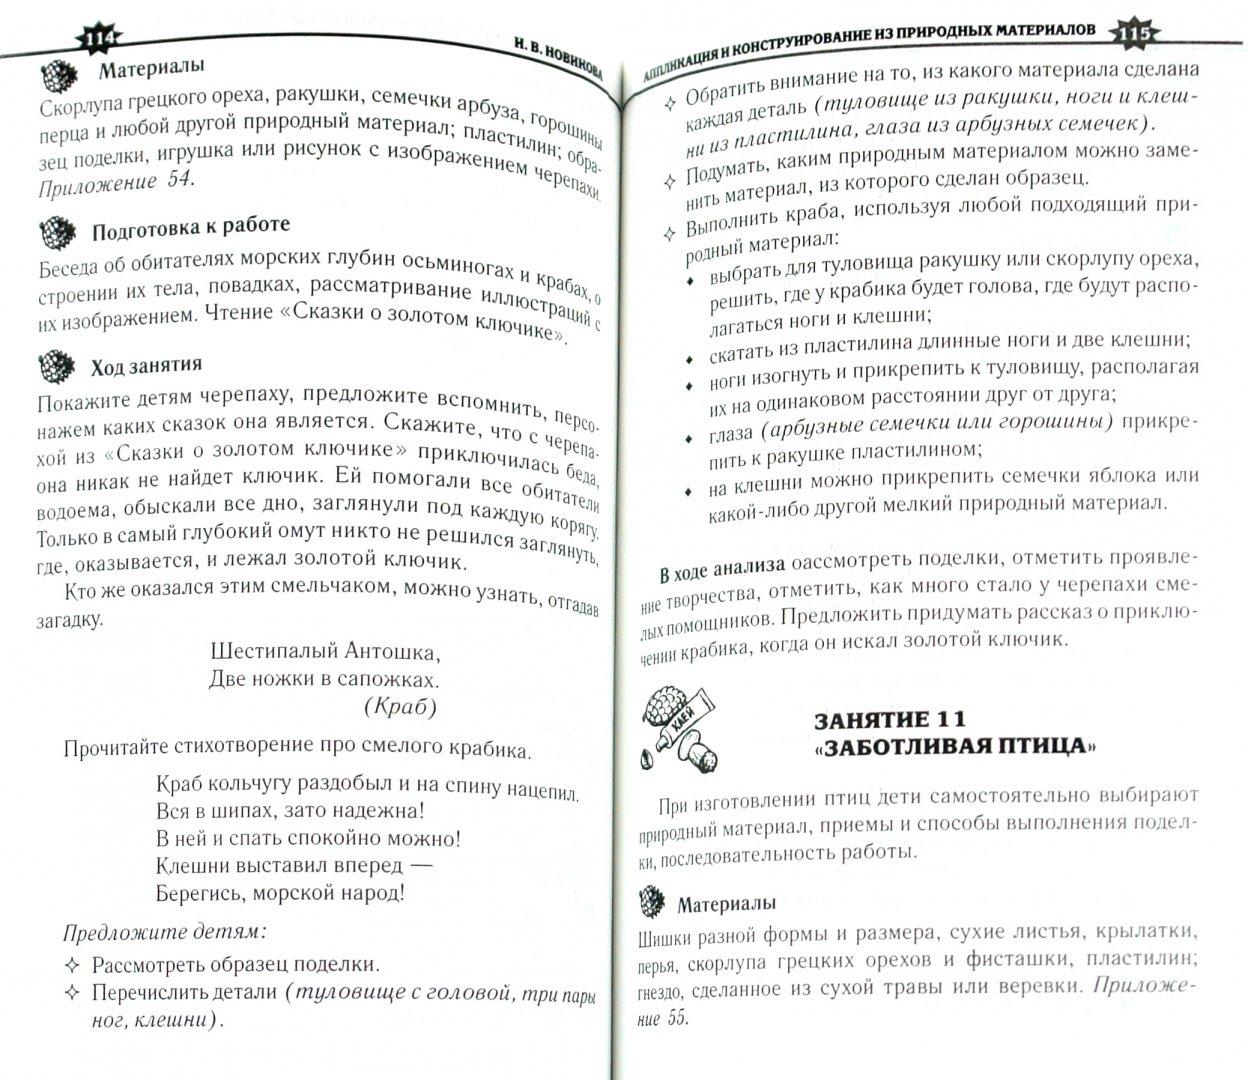 Иллюстрация 1 из 12 для Аппликация и конструирование из природных материалов в детском саду - Новикова, Новикова | Лабиринт - книги. Источник: Лабиринт